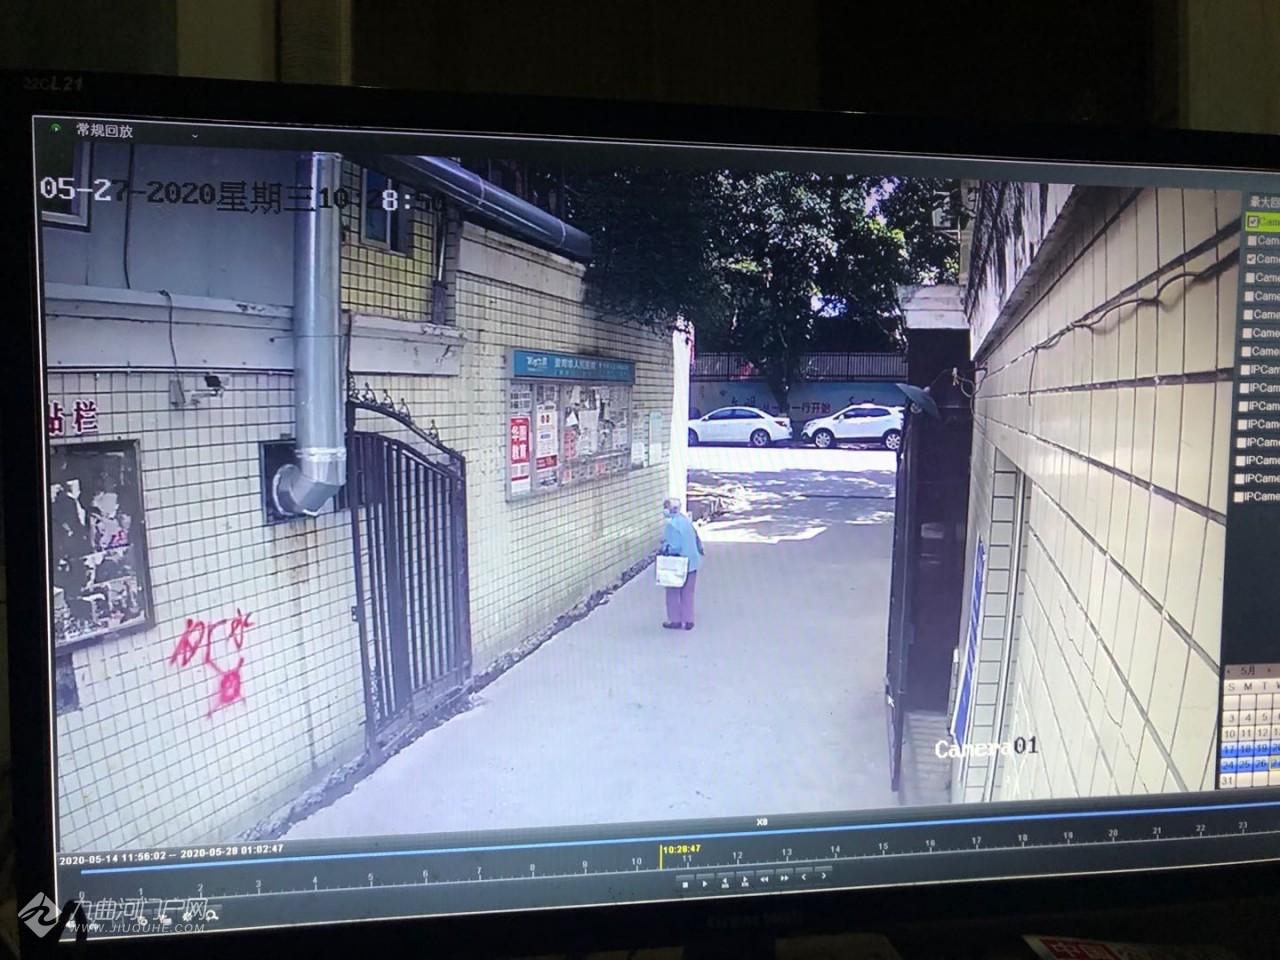 (已找到)紧急寻人:资阳93岁老人27日上午在刘家湾市场附近走失!请帮忙转发留意下!